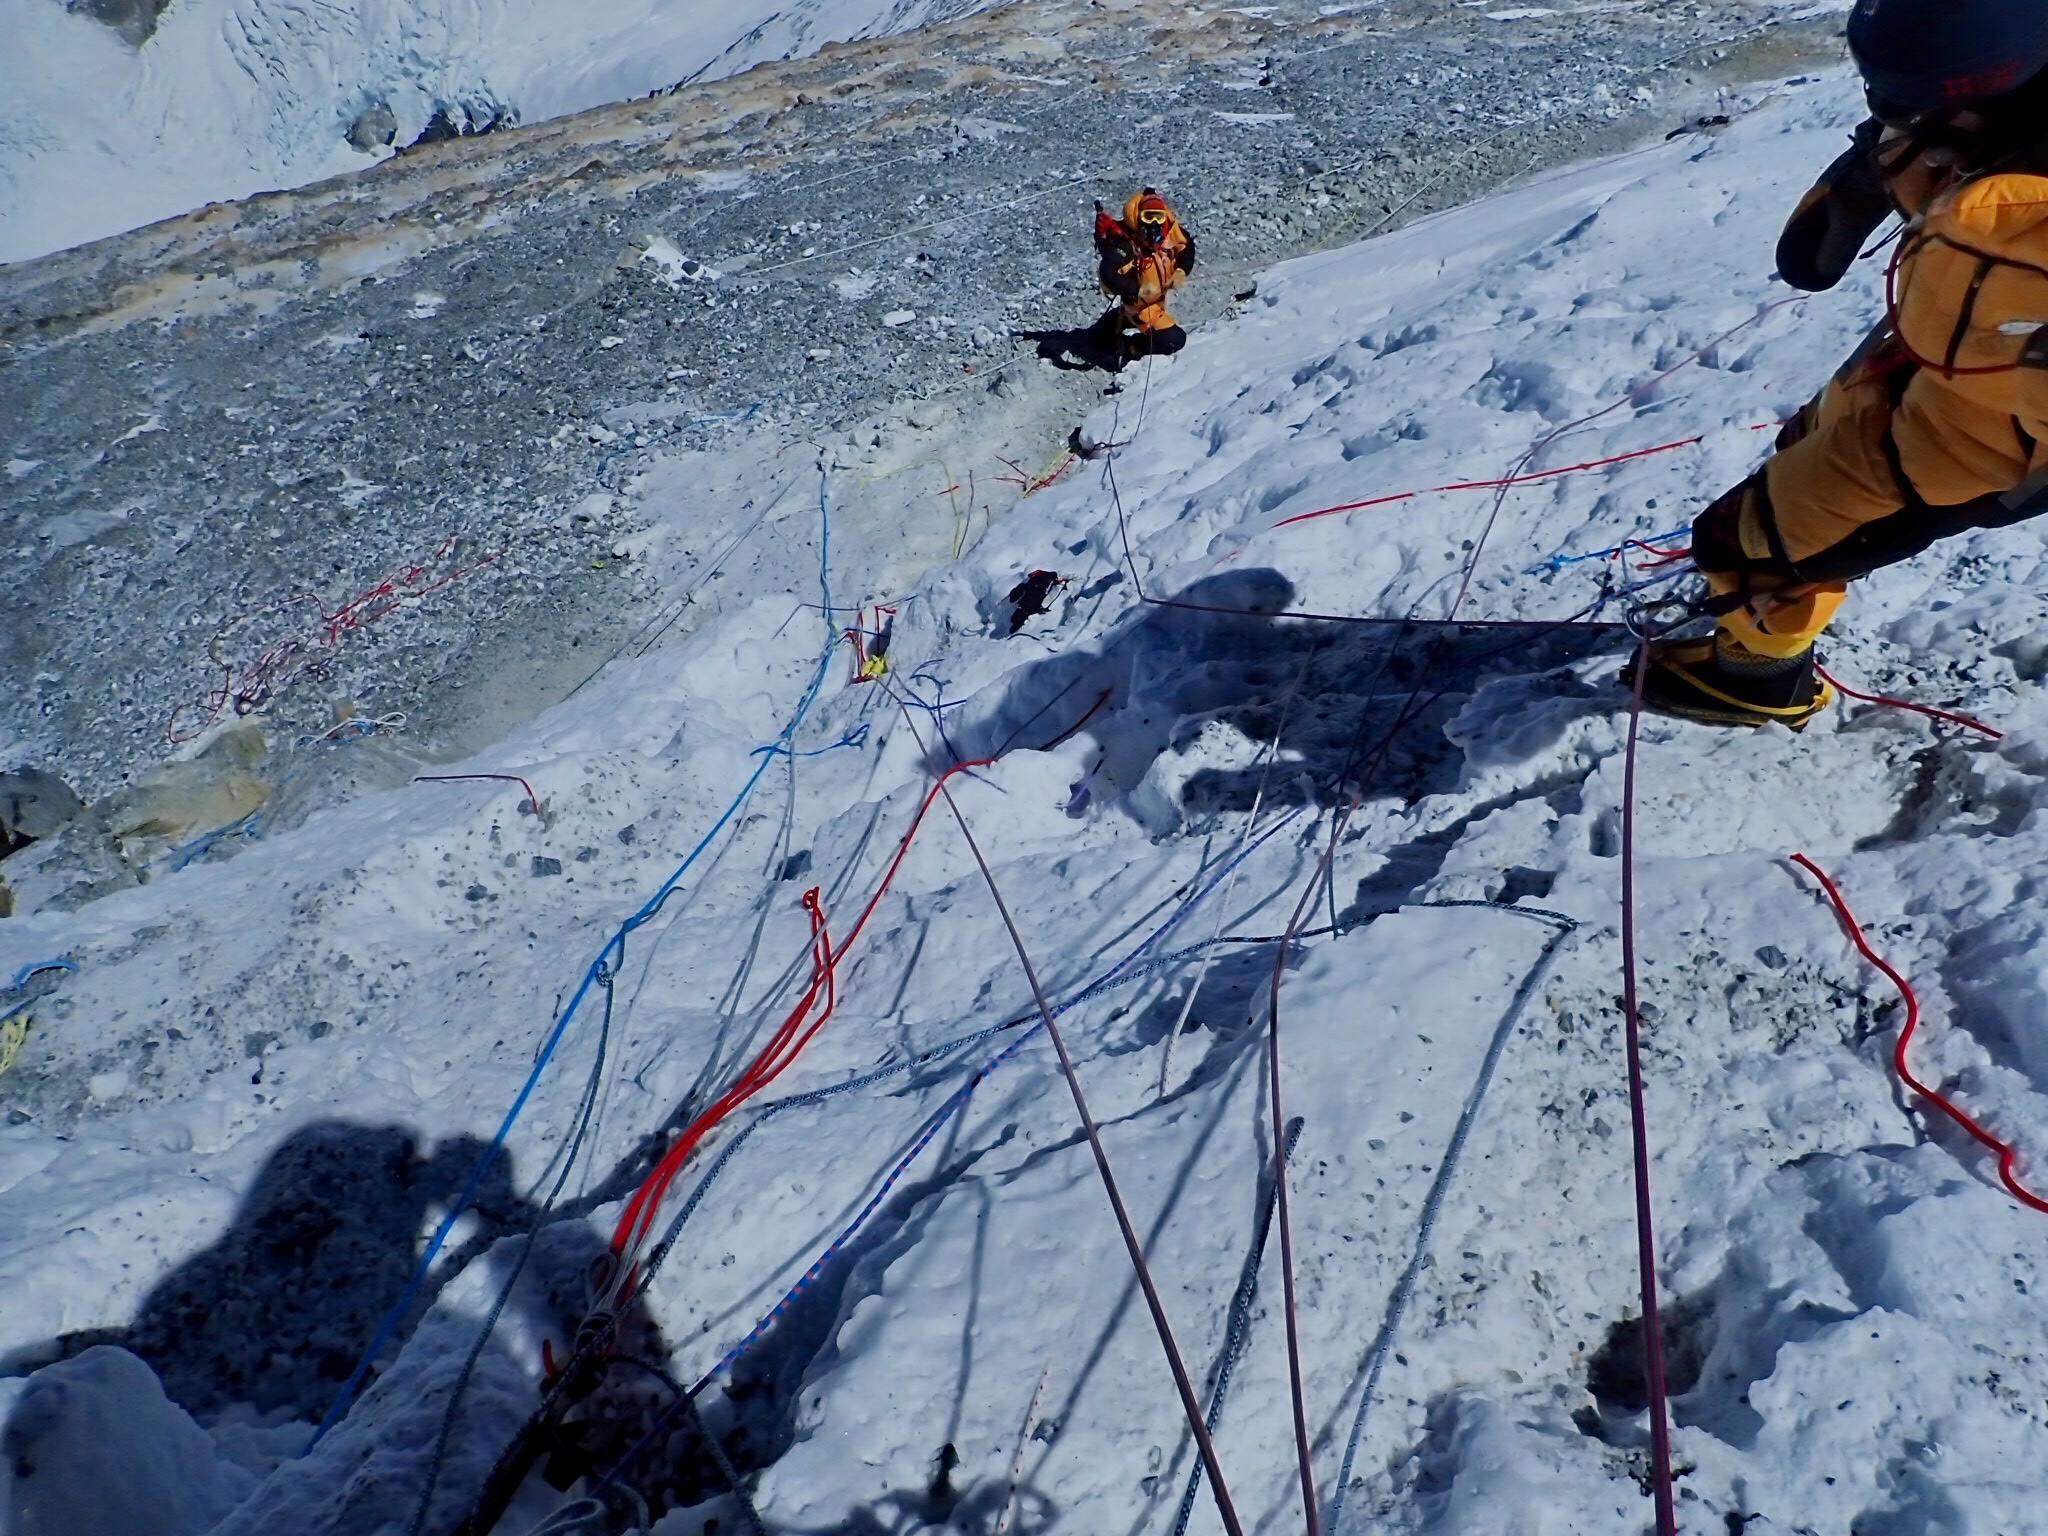 Перильные верёвки на маршруте. Только одна из них - рабочая. Остальные - оставшиеся с прошлых лет